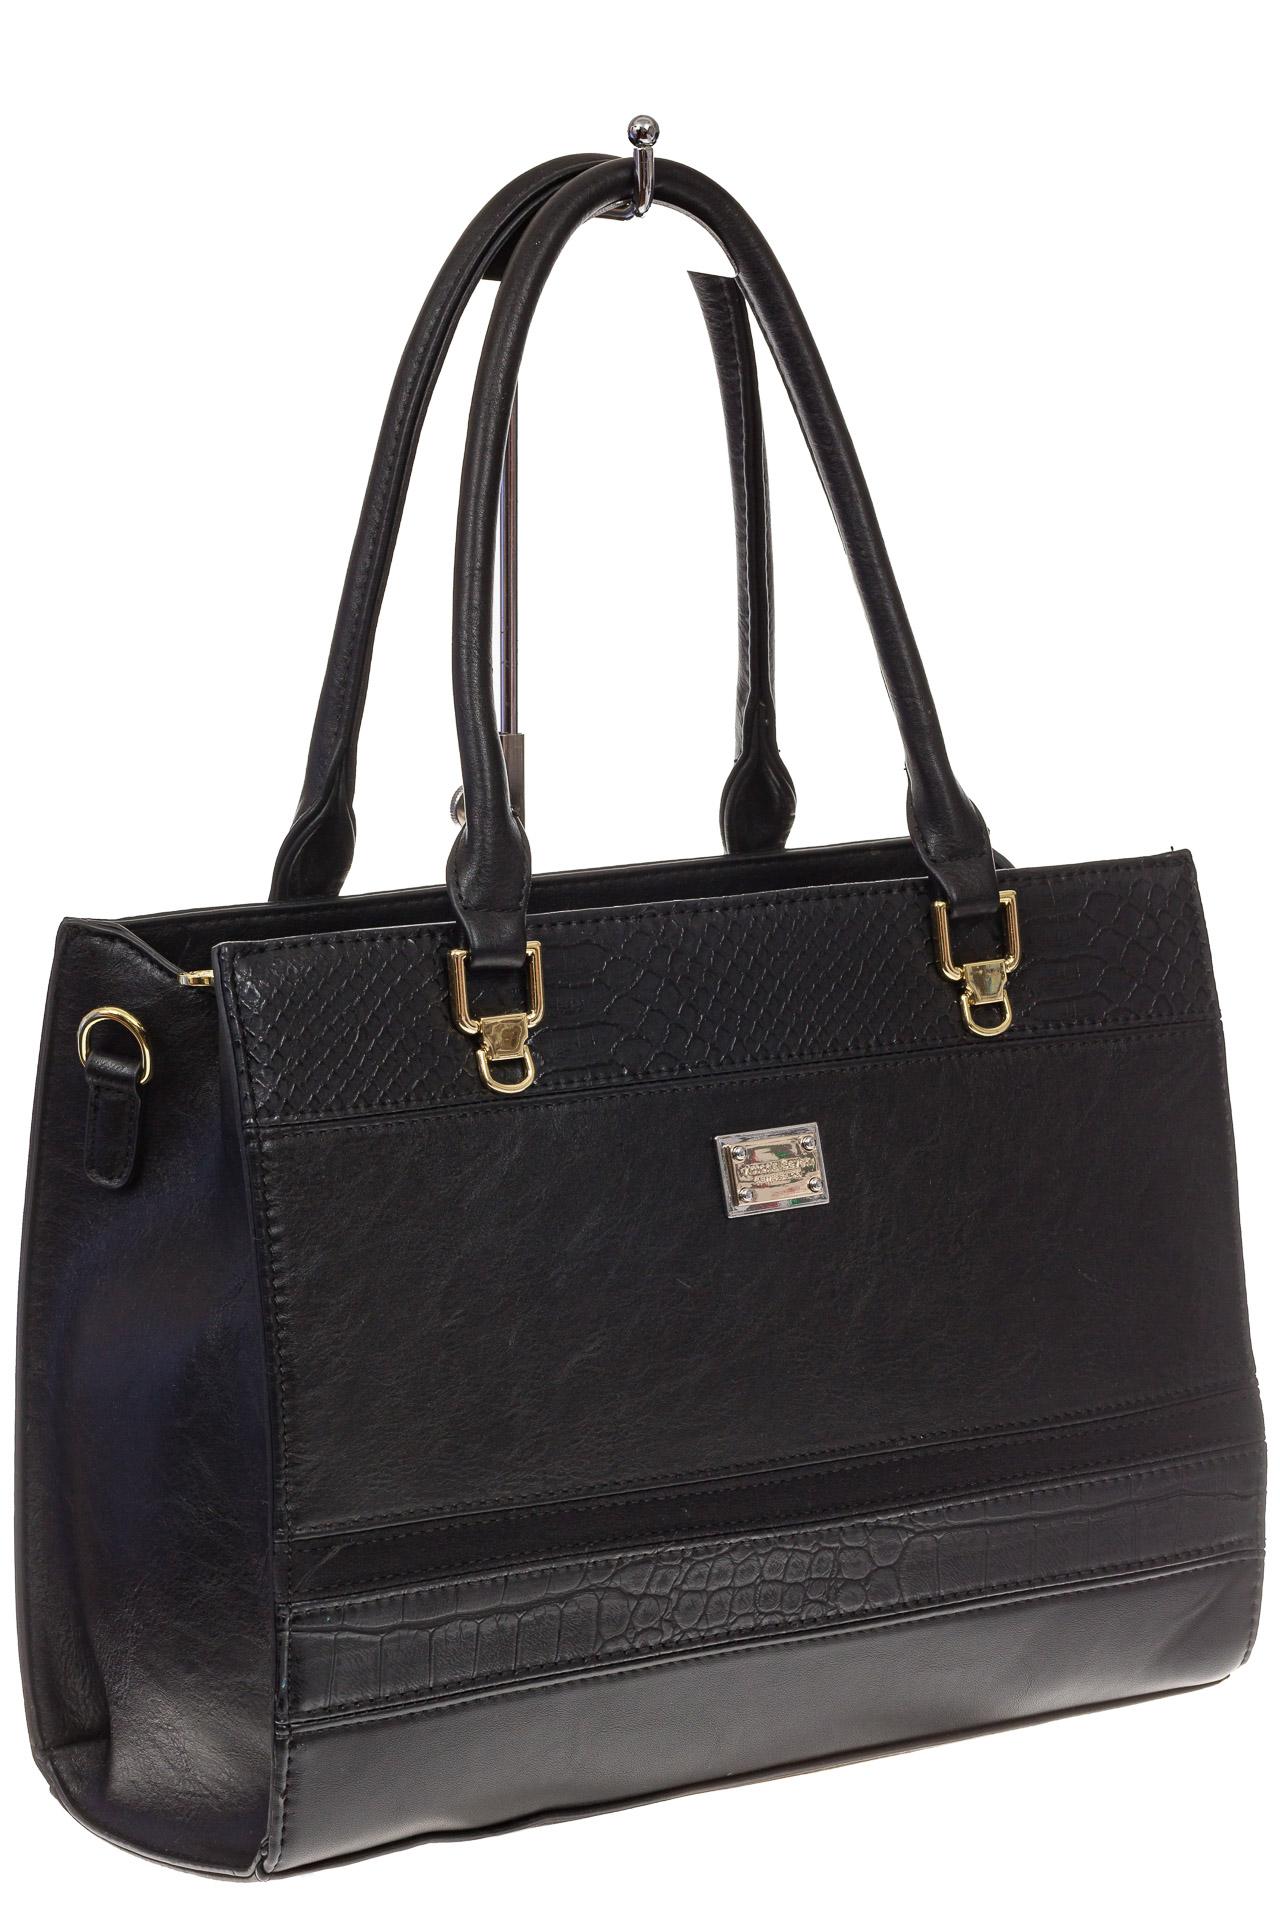 Женская сумка из искусственной кожи, цвет черный8668BP11/1